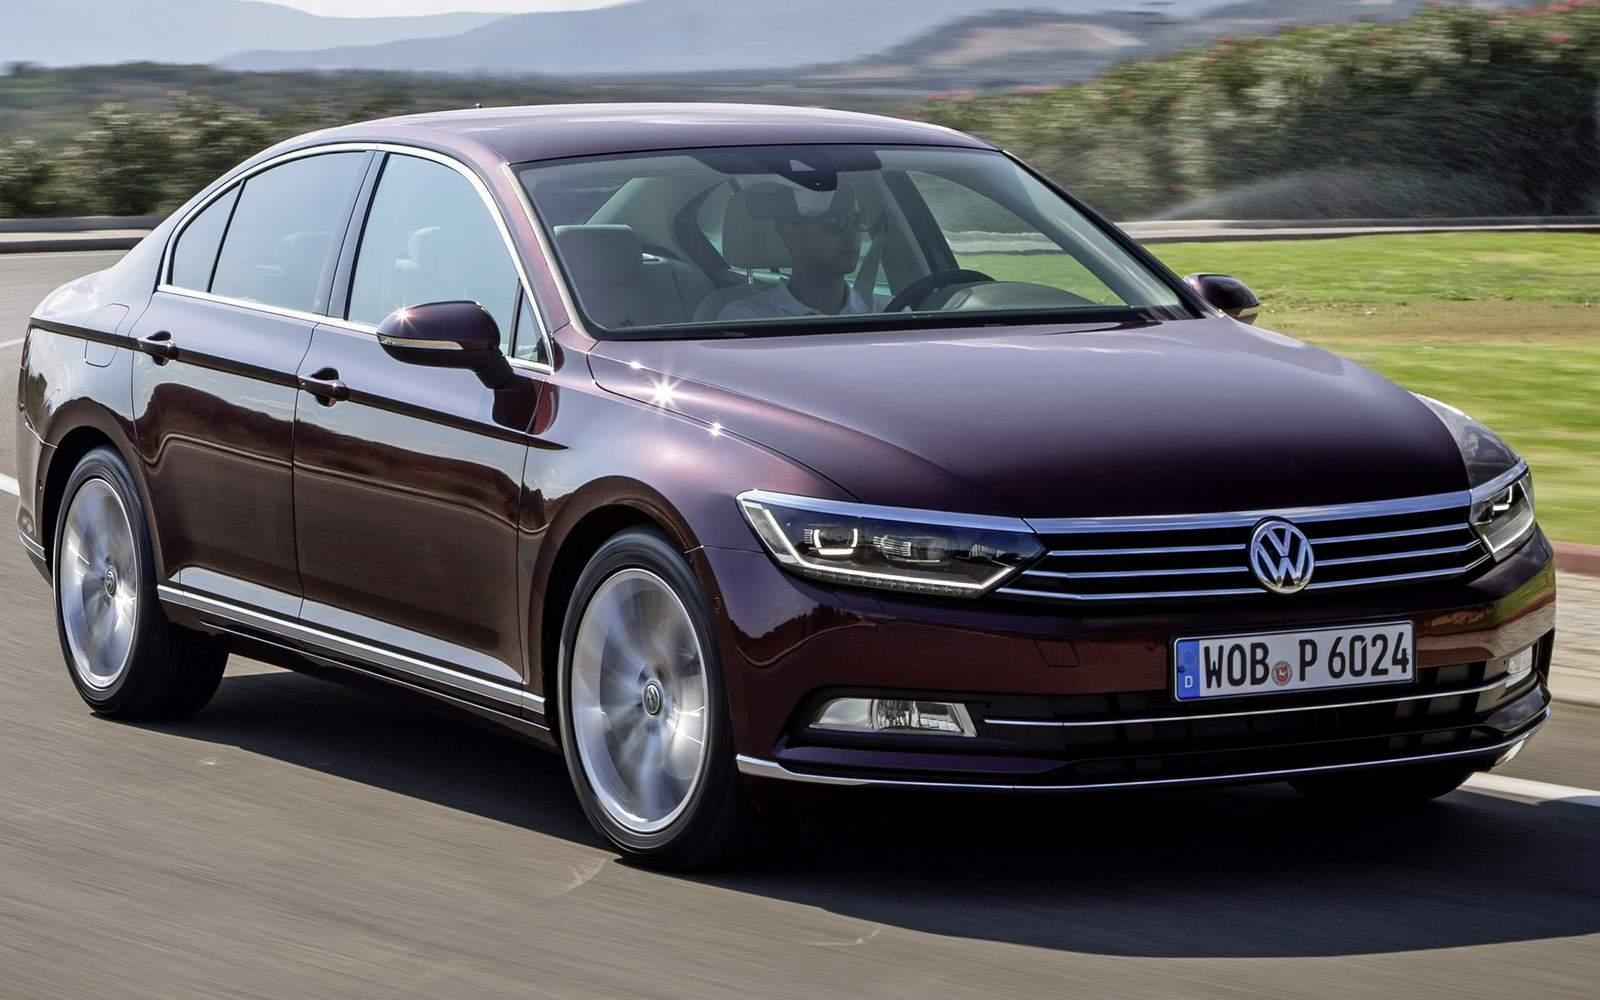 2018 Volkswagen Passat | iCarAutoLeasing